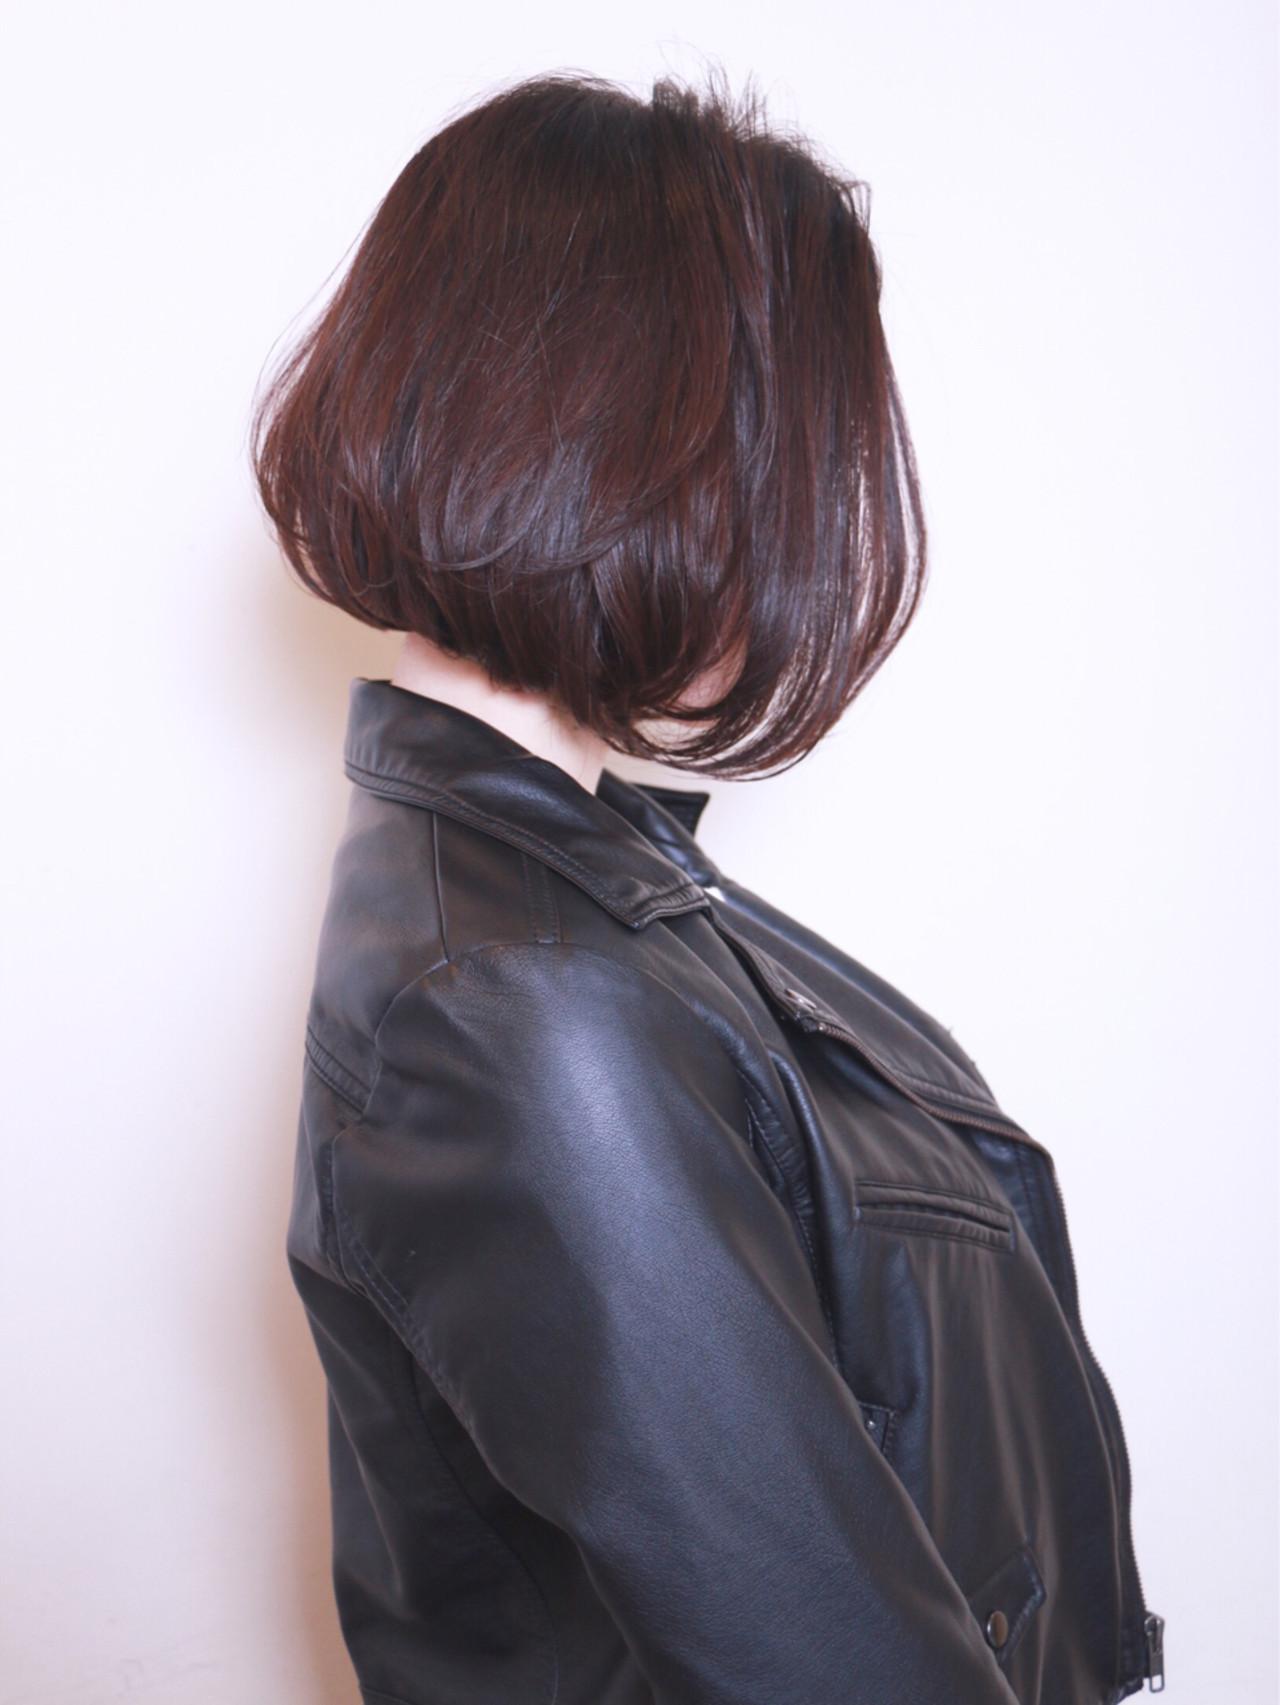 色っぽいニュアンスバングの前下がりボブ♪ 星野 将太/柏/ボブ | R-EVOLUT hair